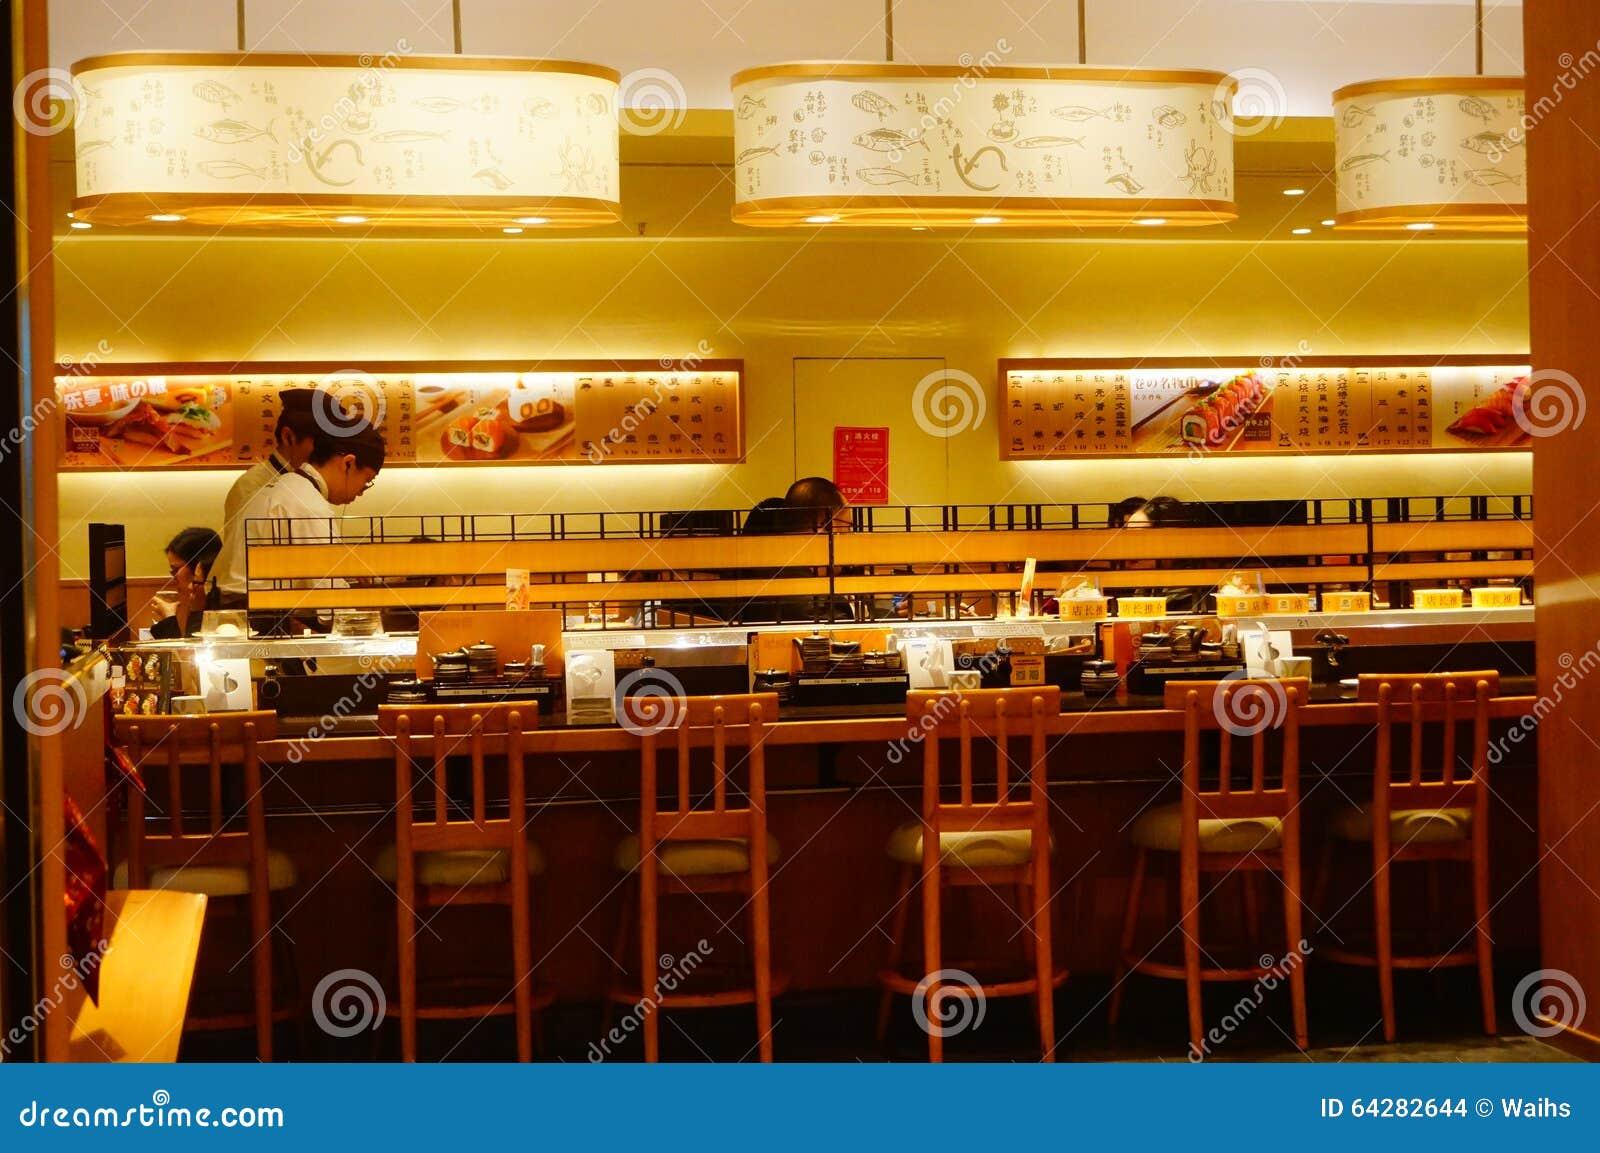 shenzhen china japanische sushi redaktionelles stockbild bild von m bel hintergrund 64282644. Black Bedroom Furniture Sets. Home Design Ideas